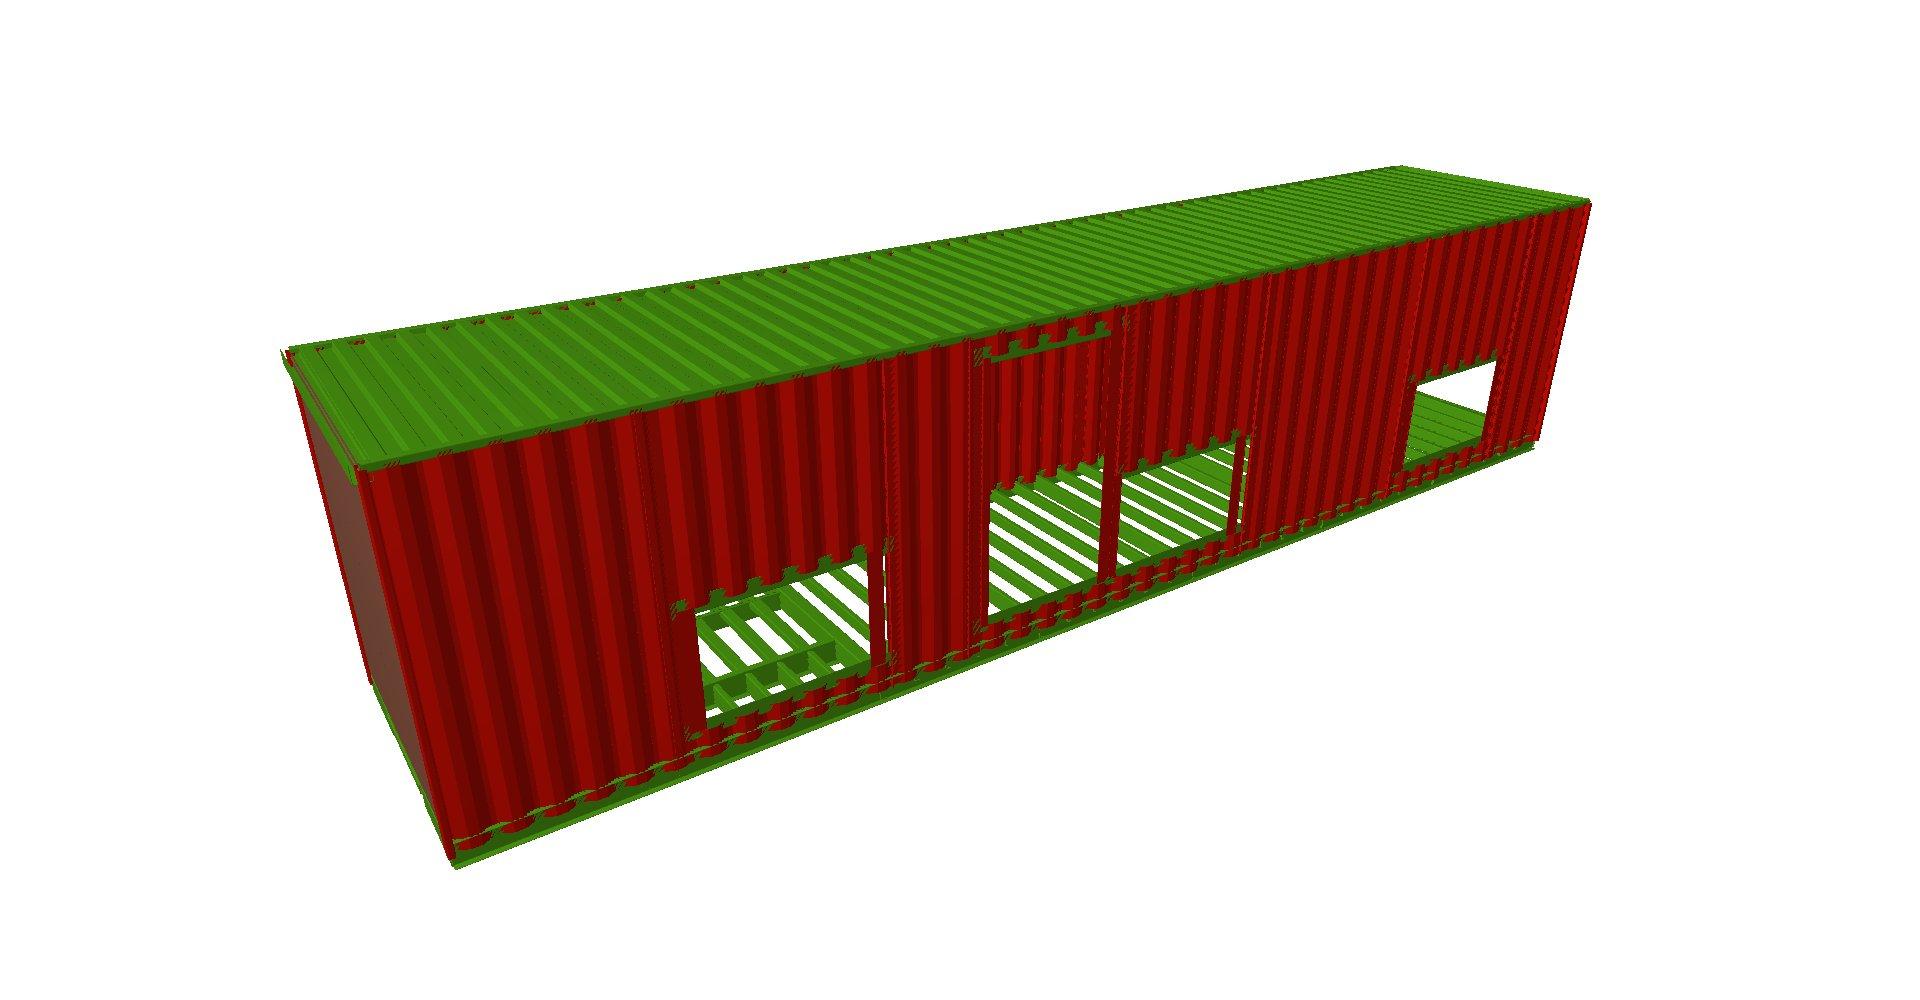 Contenedores subestación 01 - Proyectos ACCE Ingeniería